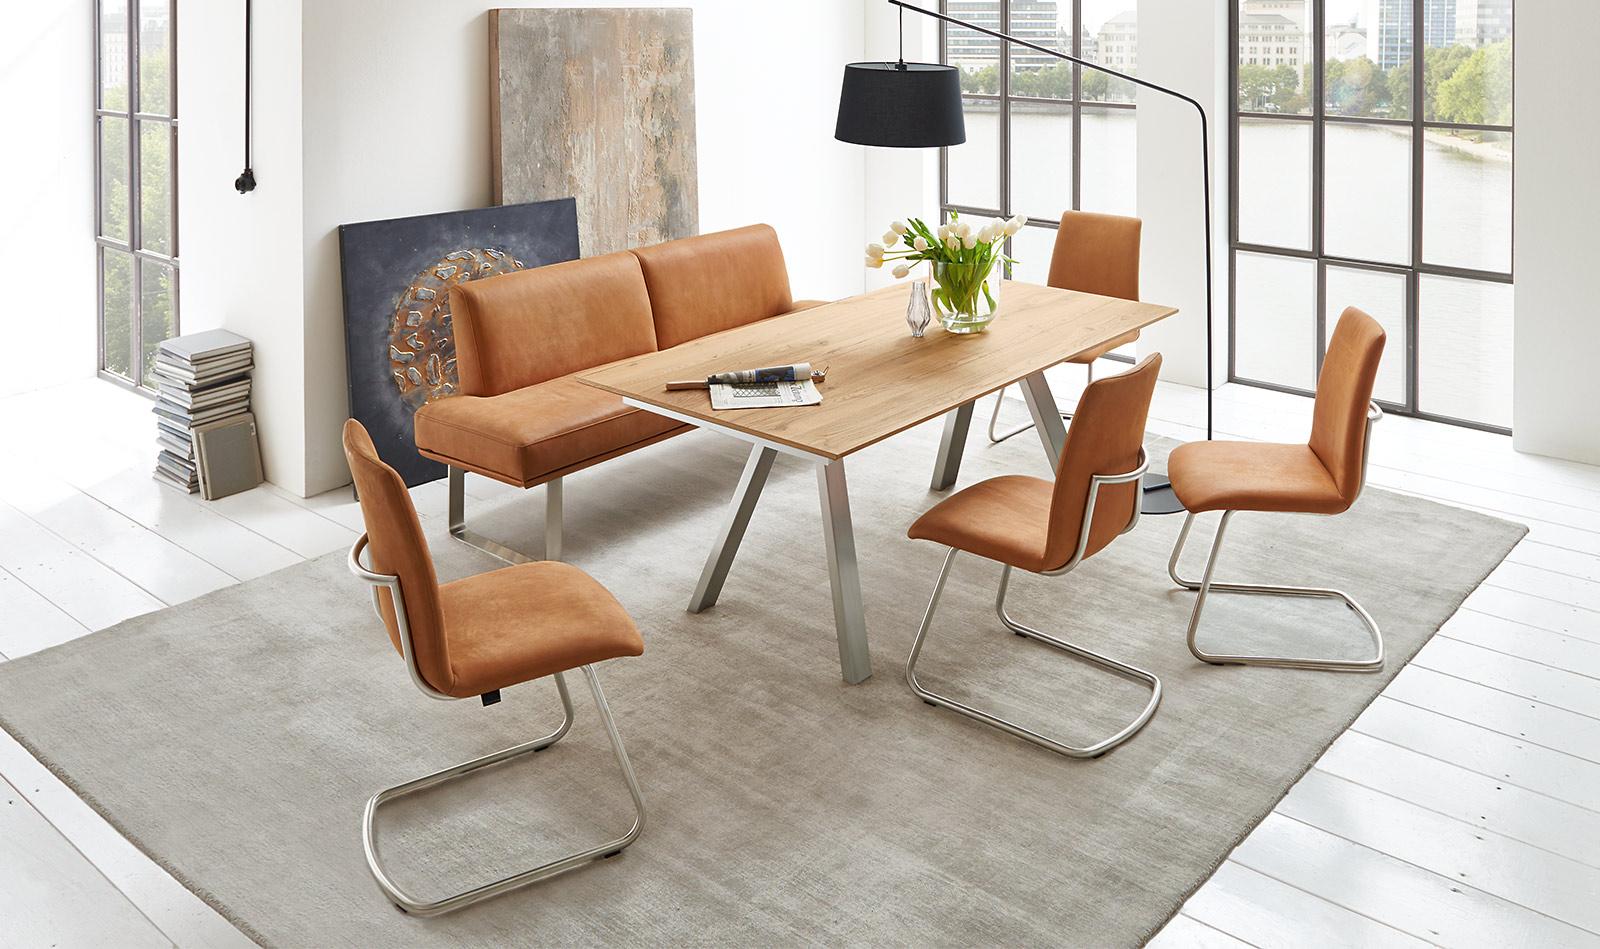 esszimmer programme impuls venjakob m bel vorsprung durch design und qualit t. Black Bedroom Furniture Sets. Home Design Ideas